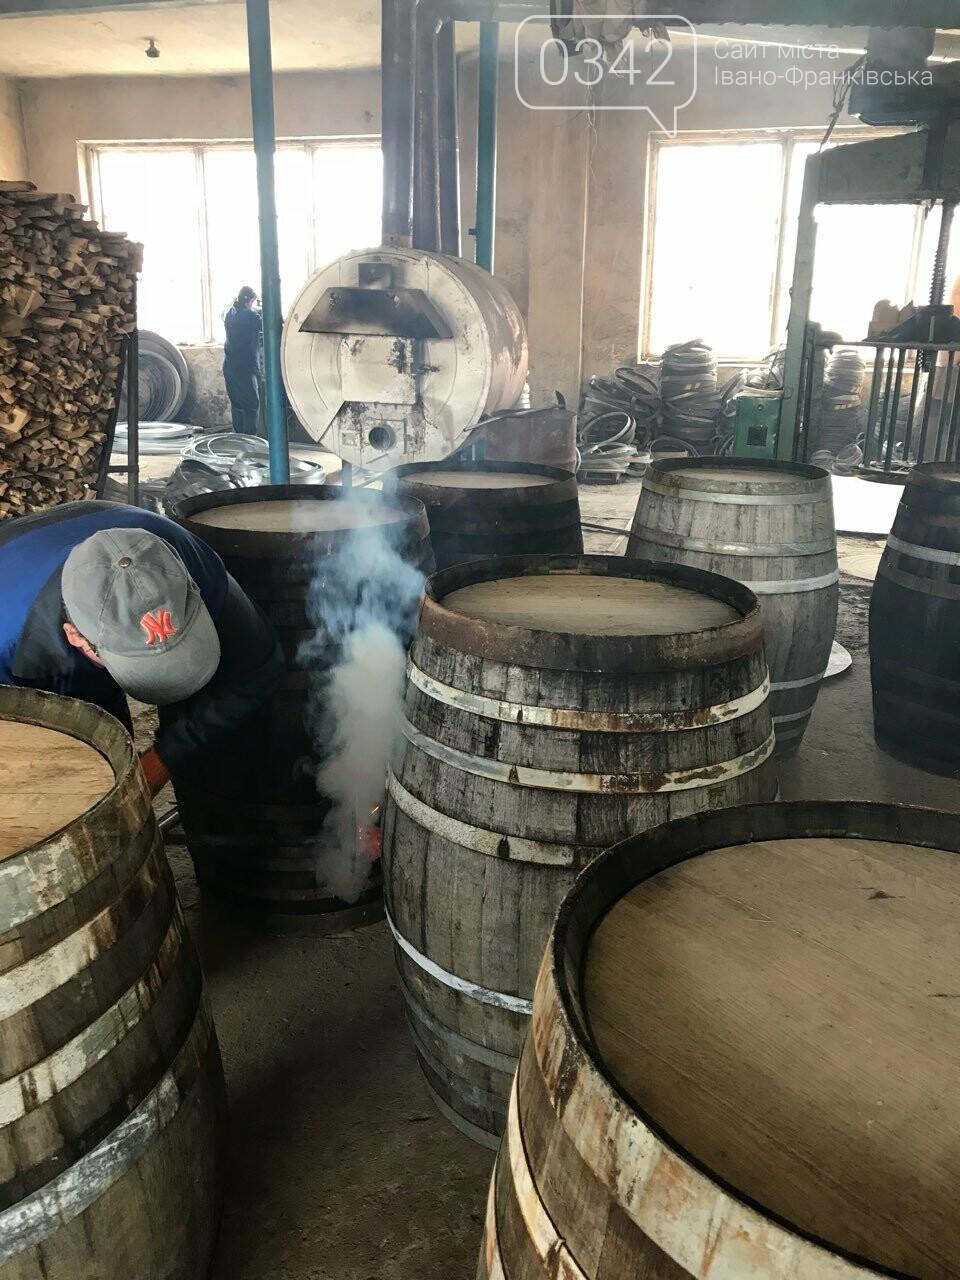 Елітні бочки для вина, коньяку та віскі. У Богородчанах працює унікальне бондарне виробництво. , фото-7